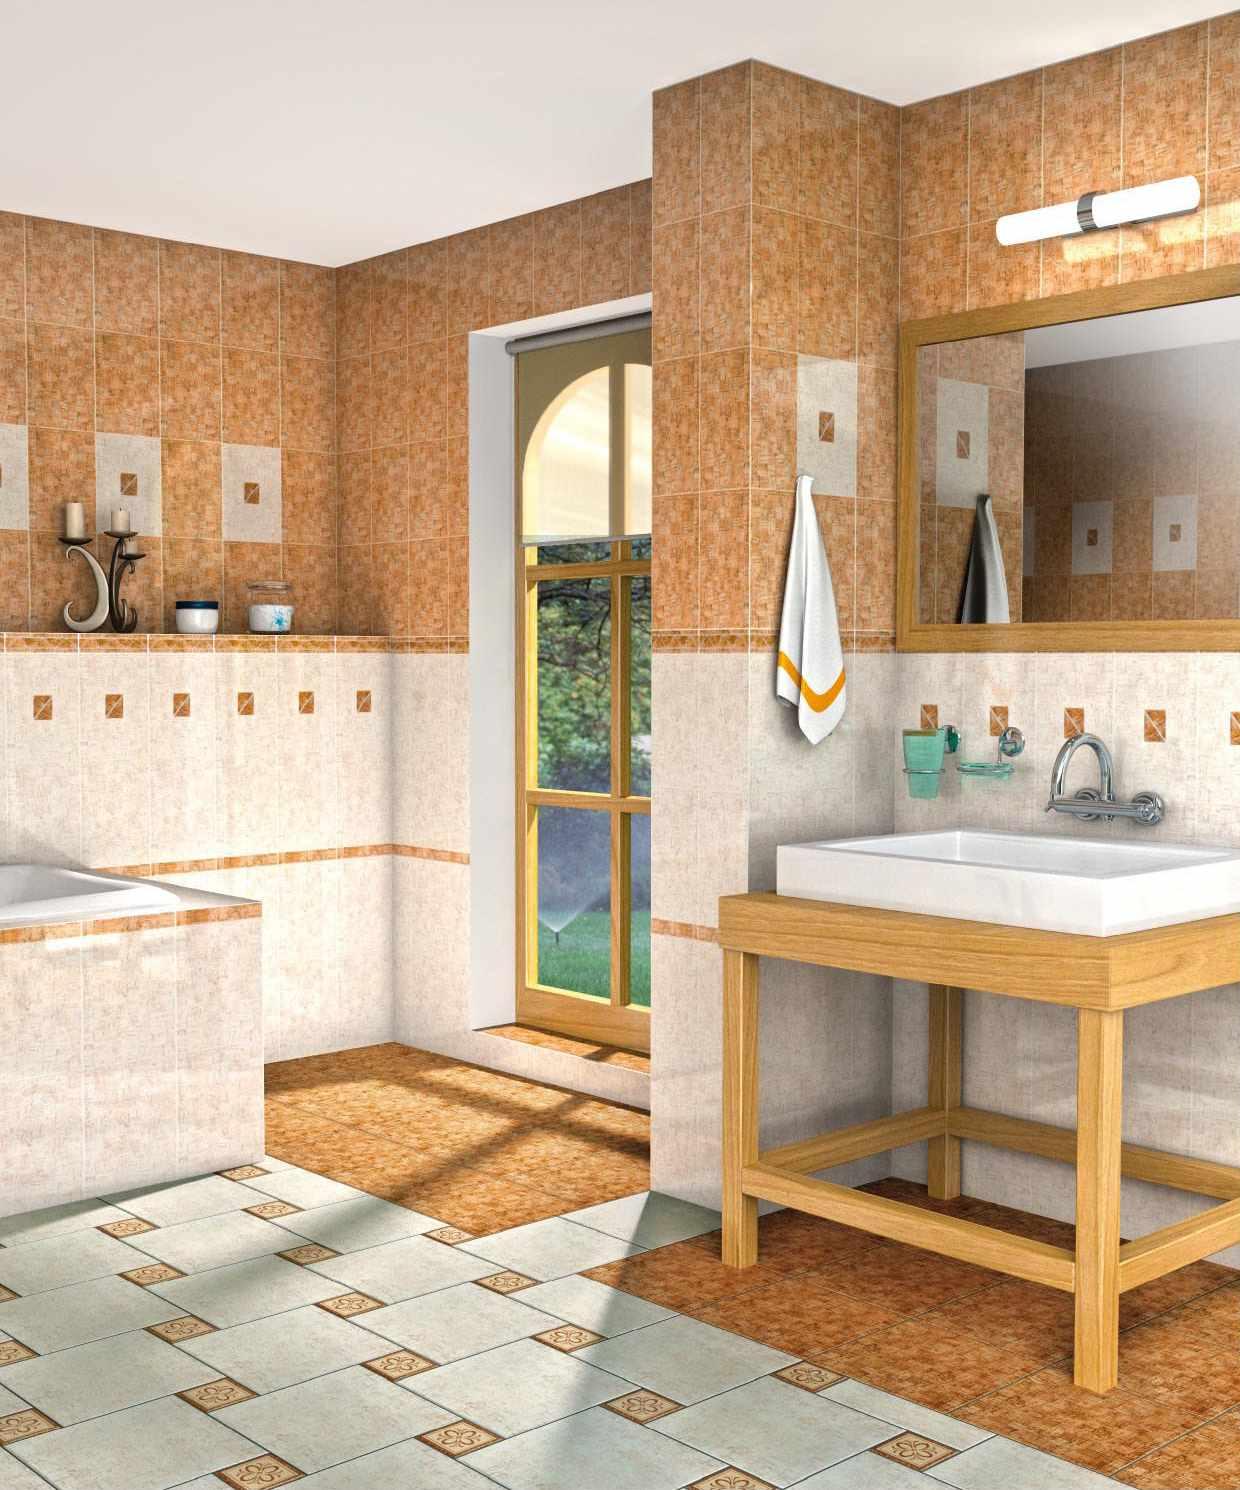 пример применения пробки в декоре квартиры